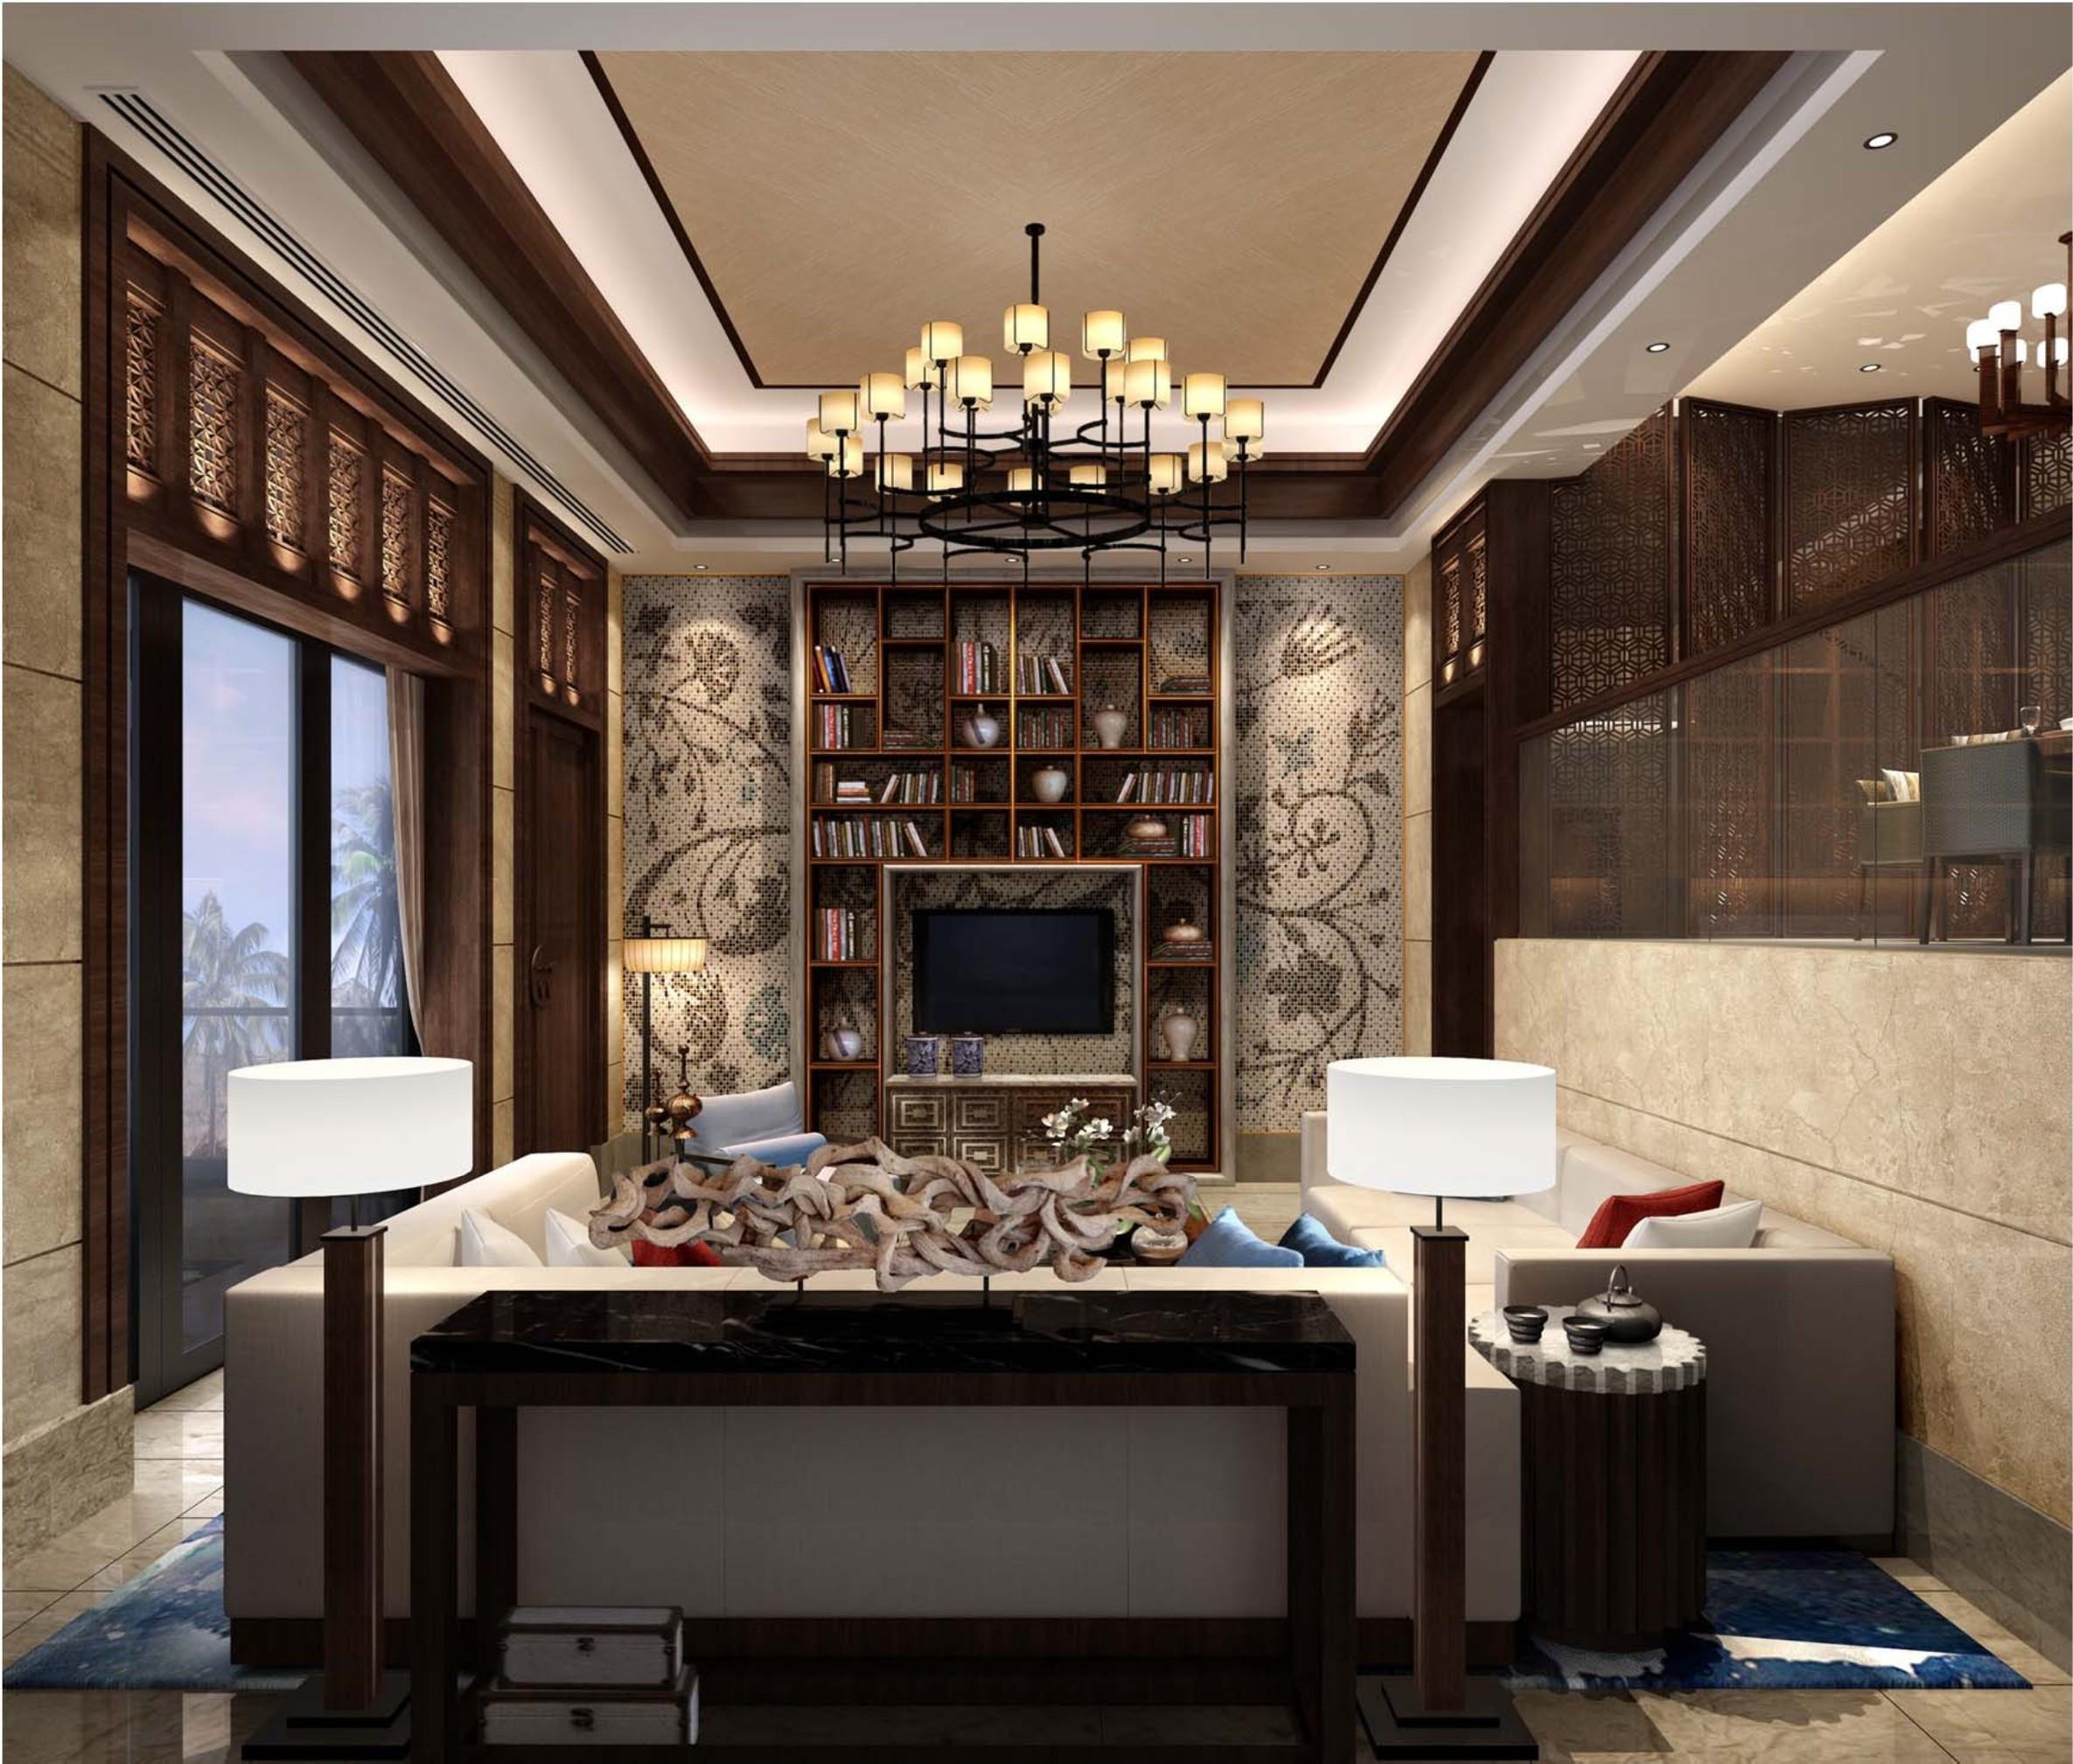 东南亚风格别墅修书房设计图